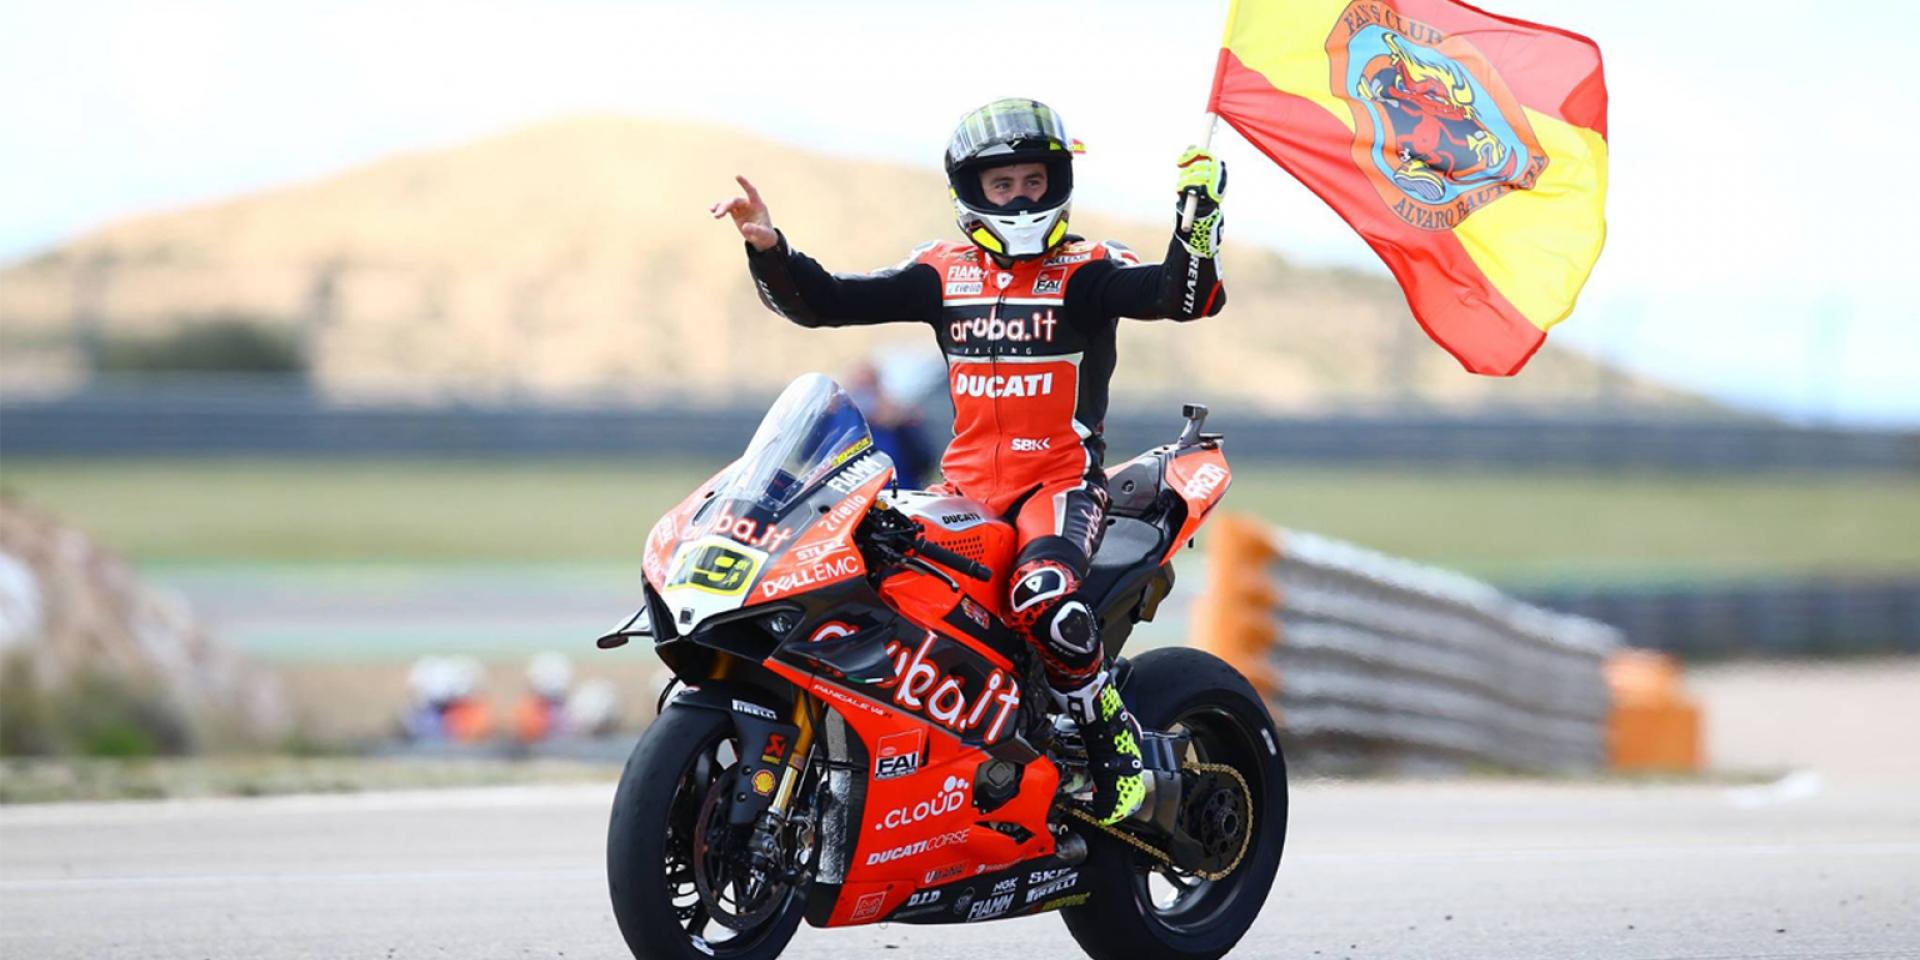 回鍋MotoGP? 捌弟:給我廠車其餘免談! Alvaro Bautista奪下WSBK開季九連勝